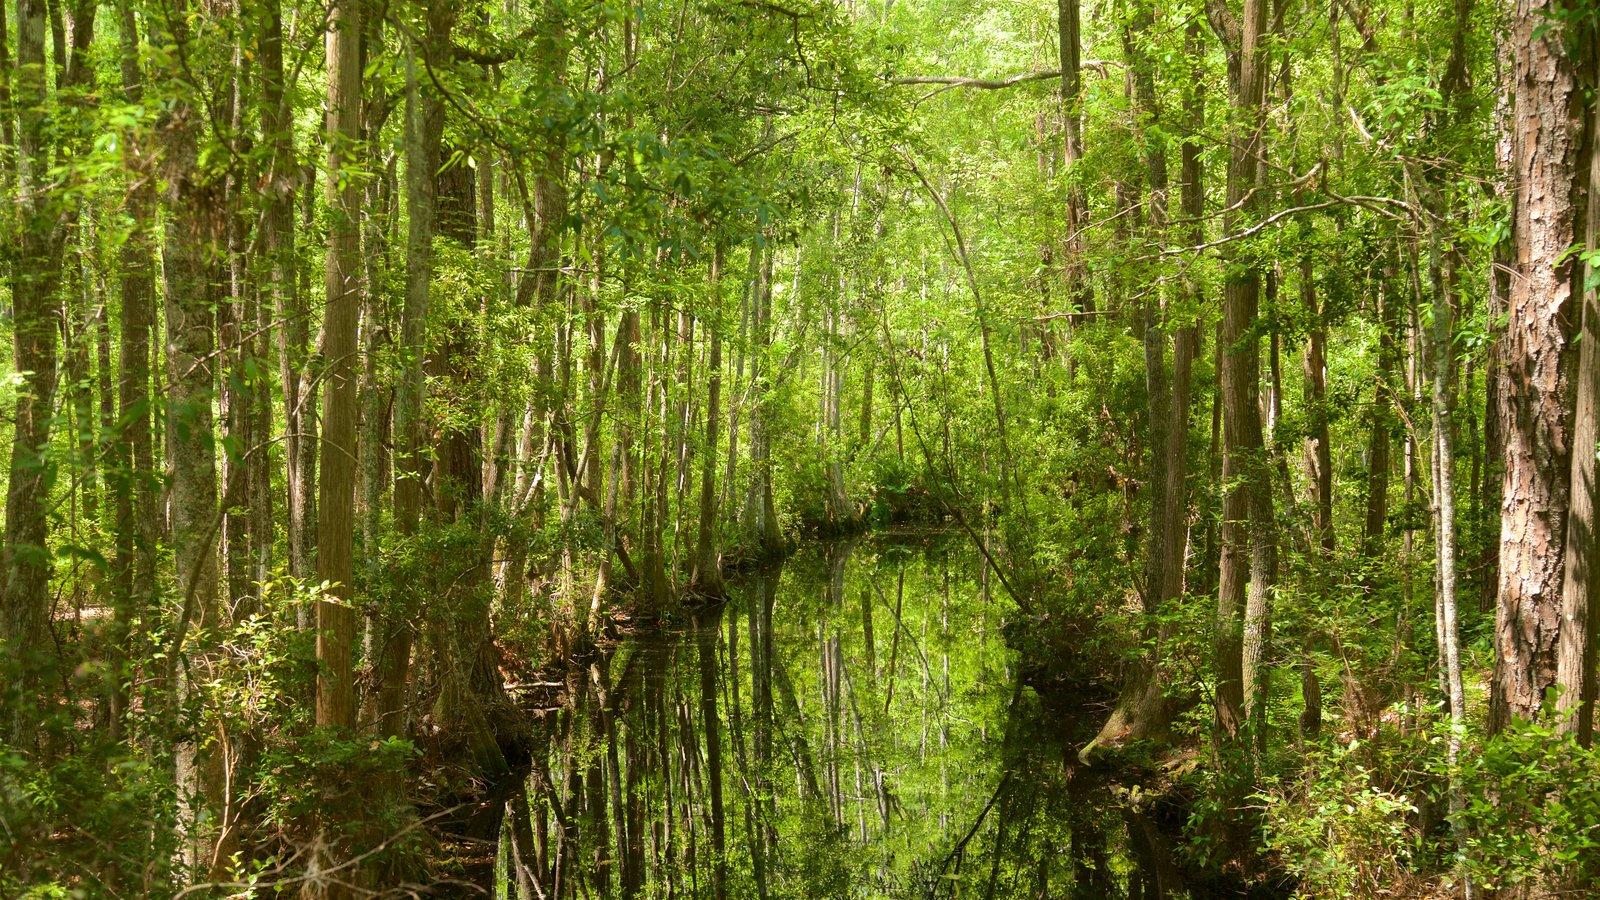 Parque Okefenokee Swamp mostrando escenas forestales